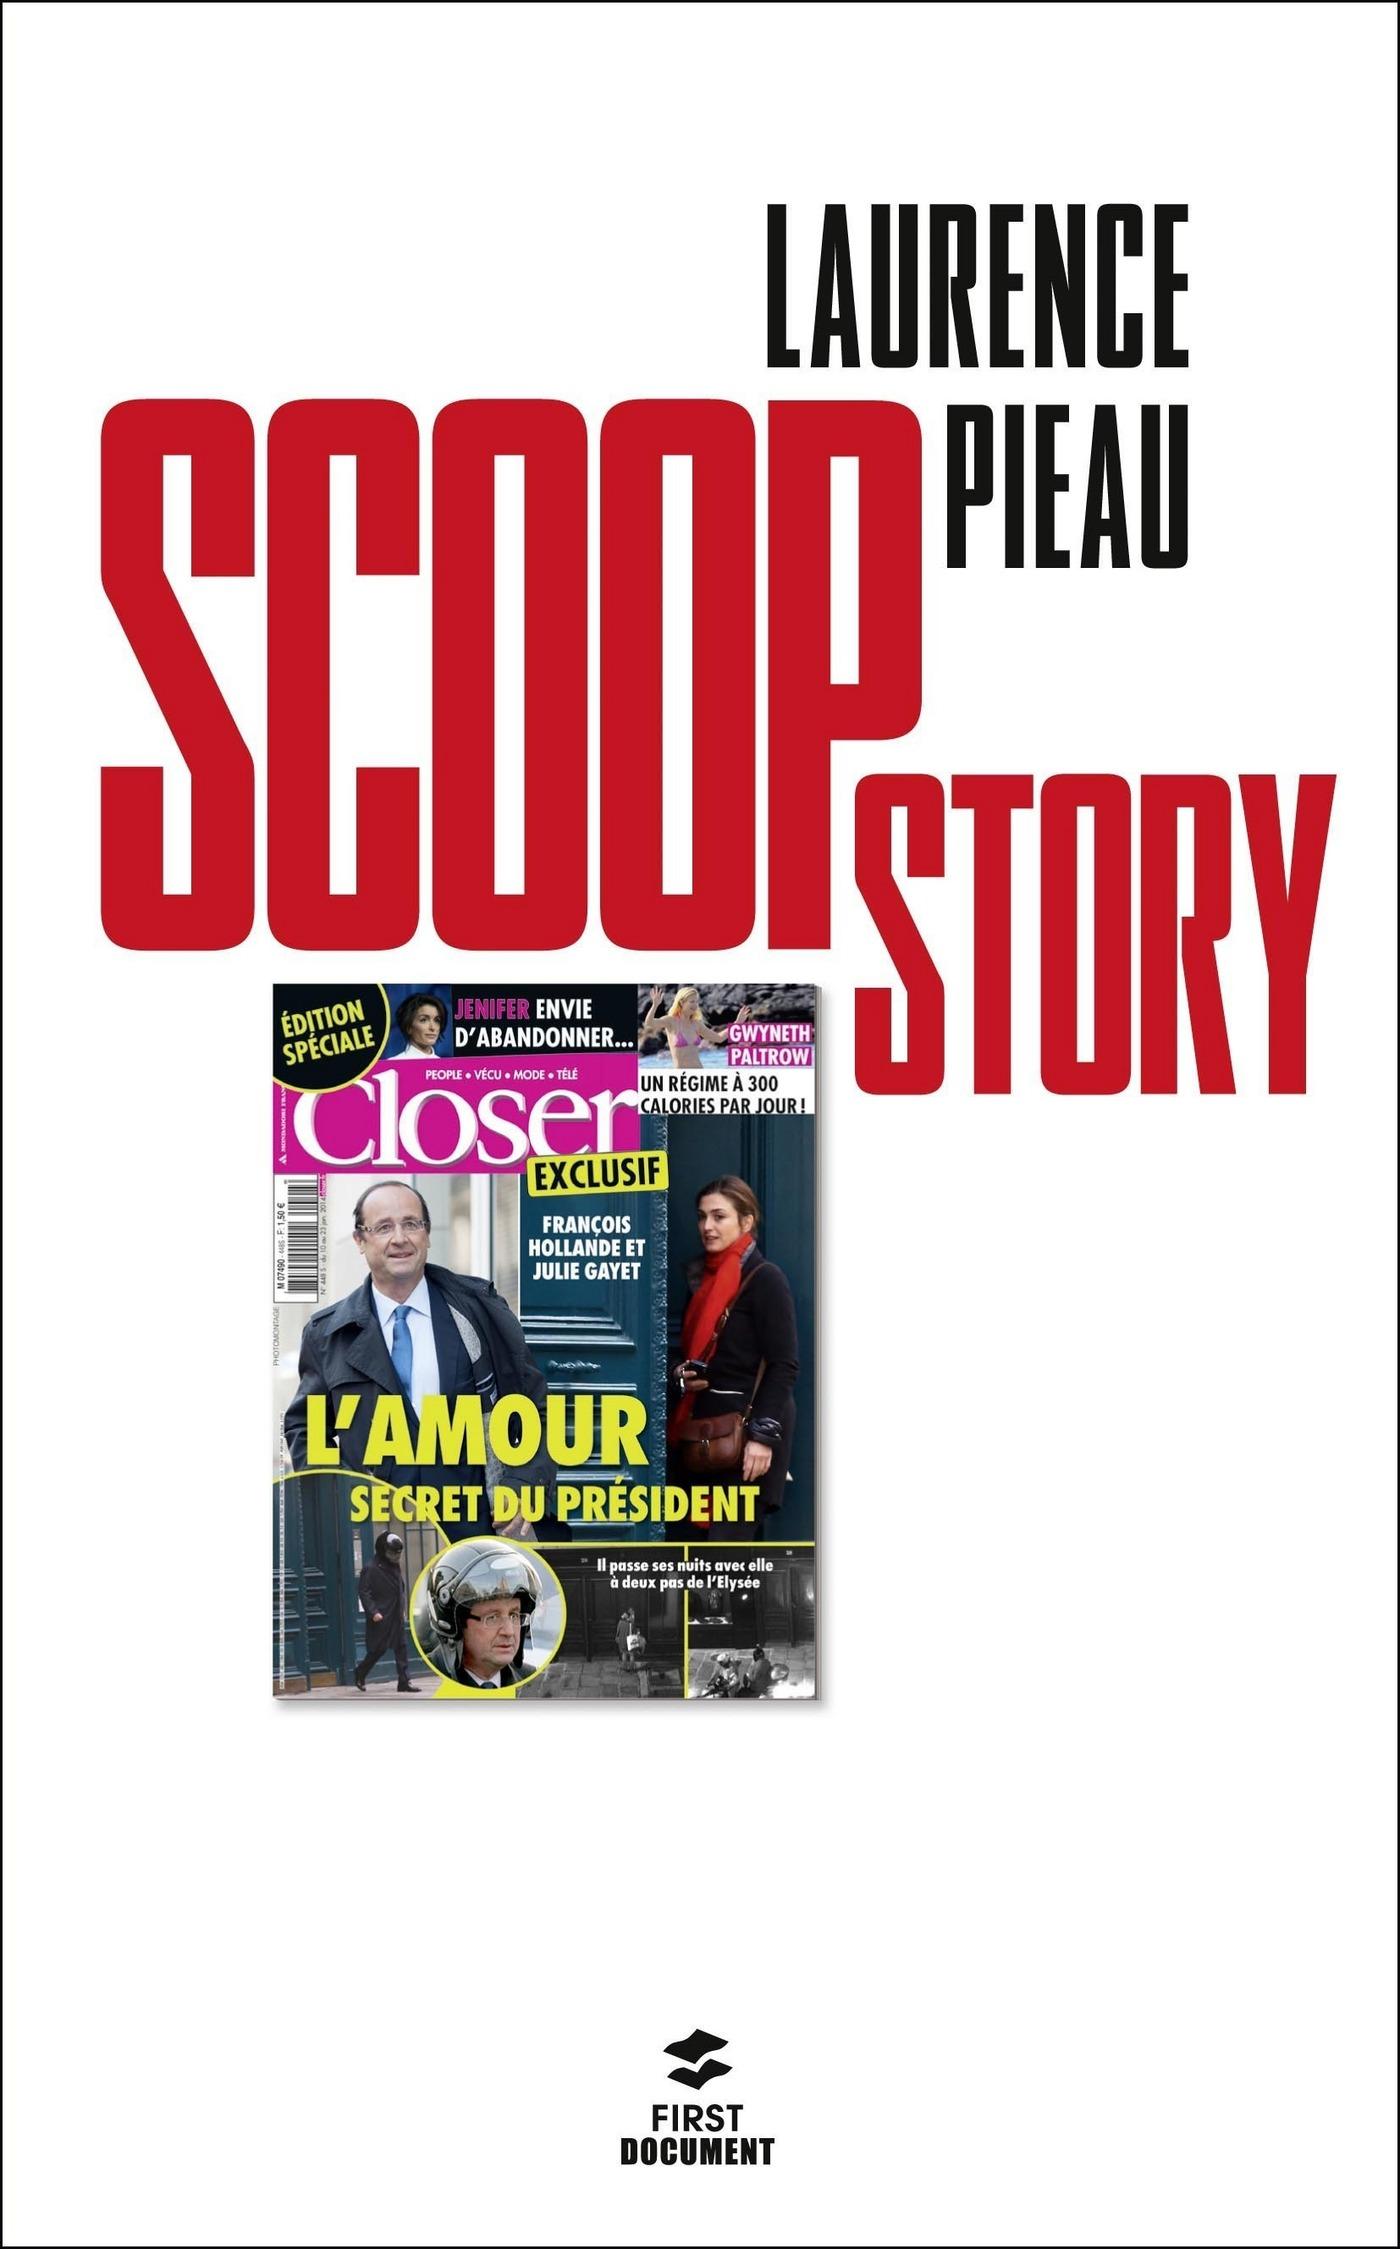 Scoop story (ebook)